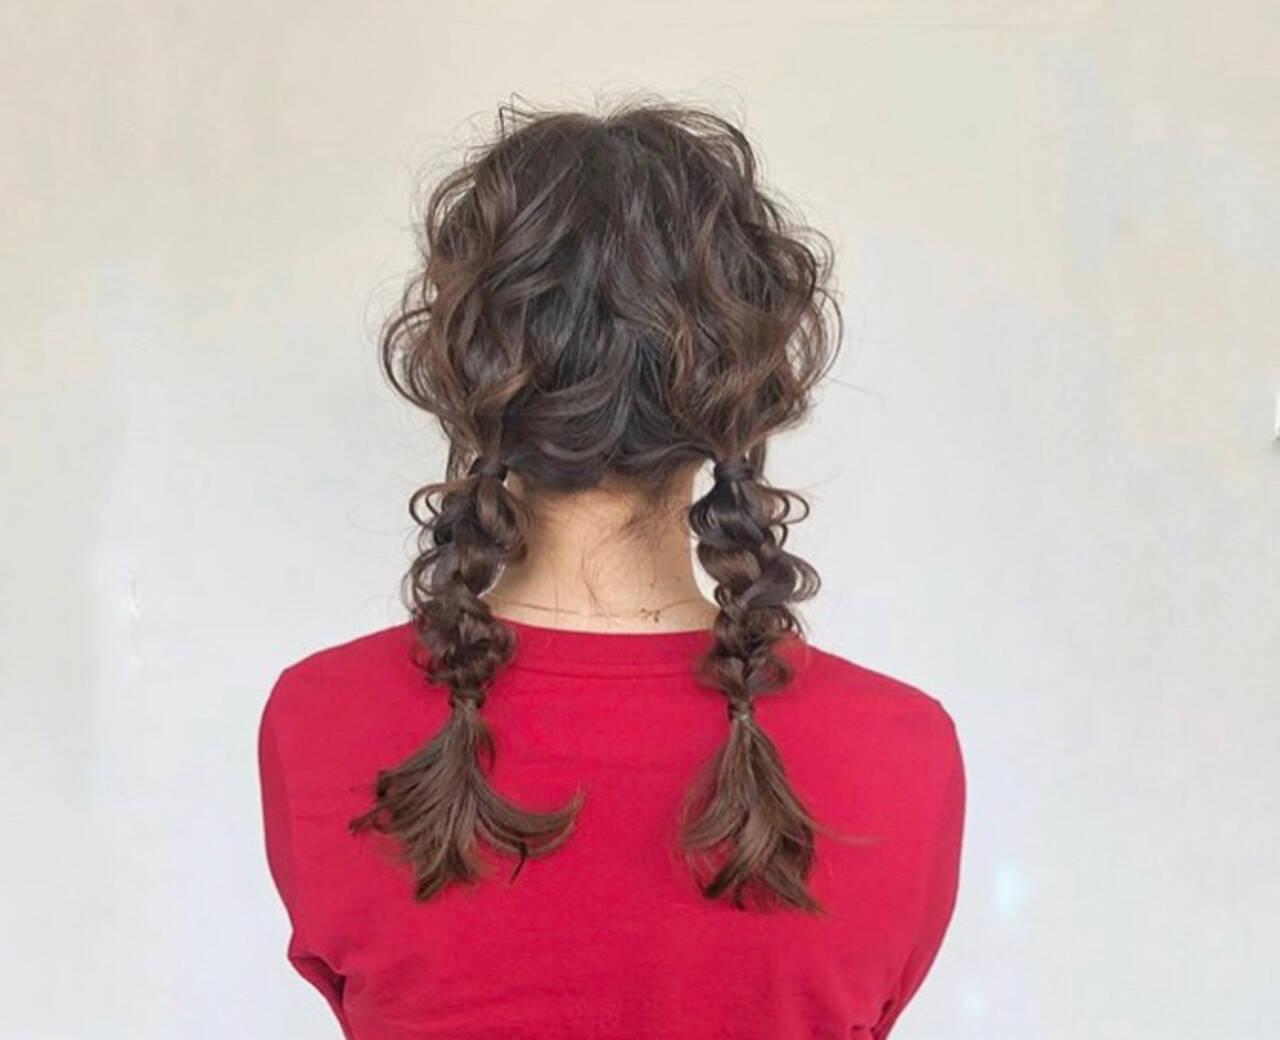 成人式 ヘアアレンジ デート セミロングヘアスタイルや髪型の写真・画像